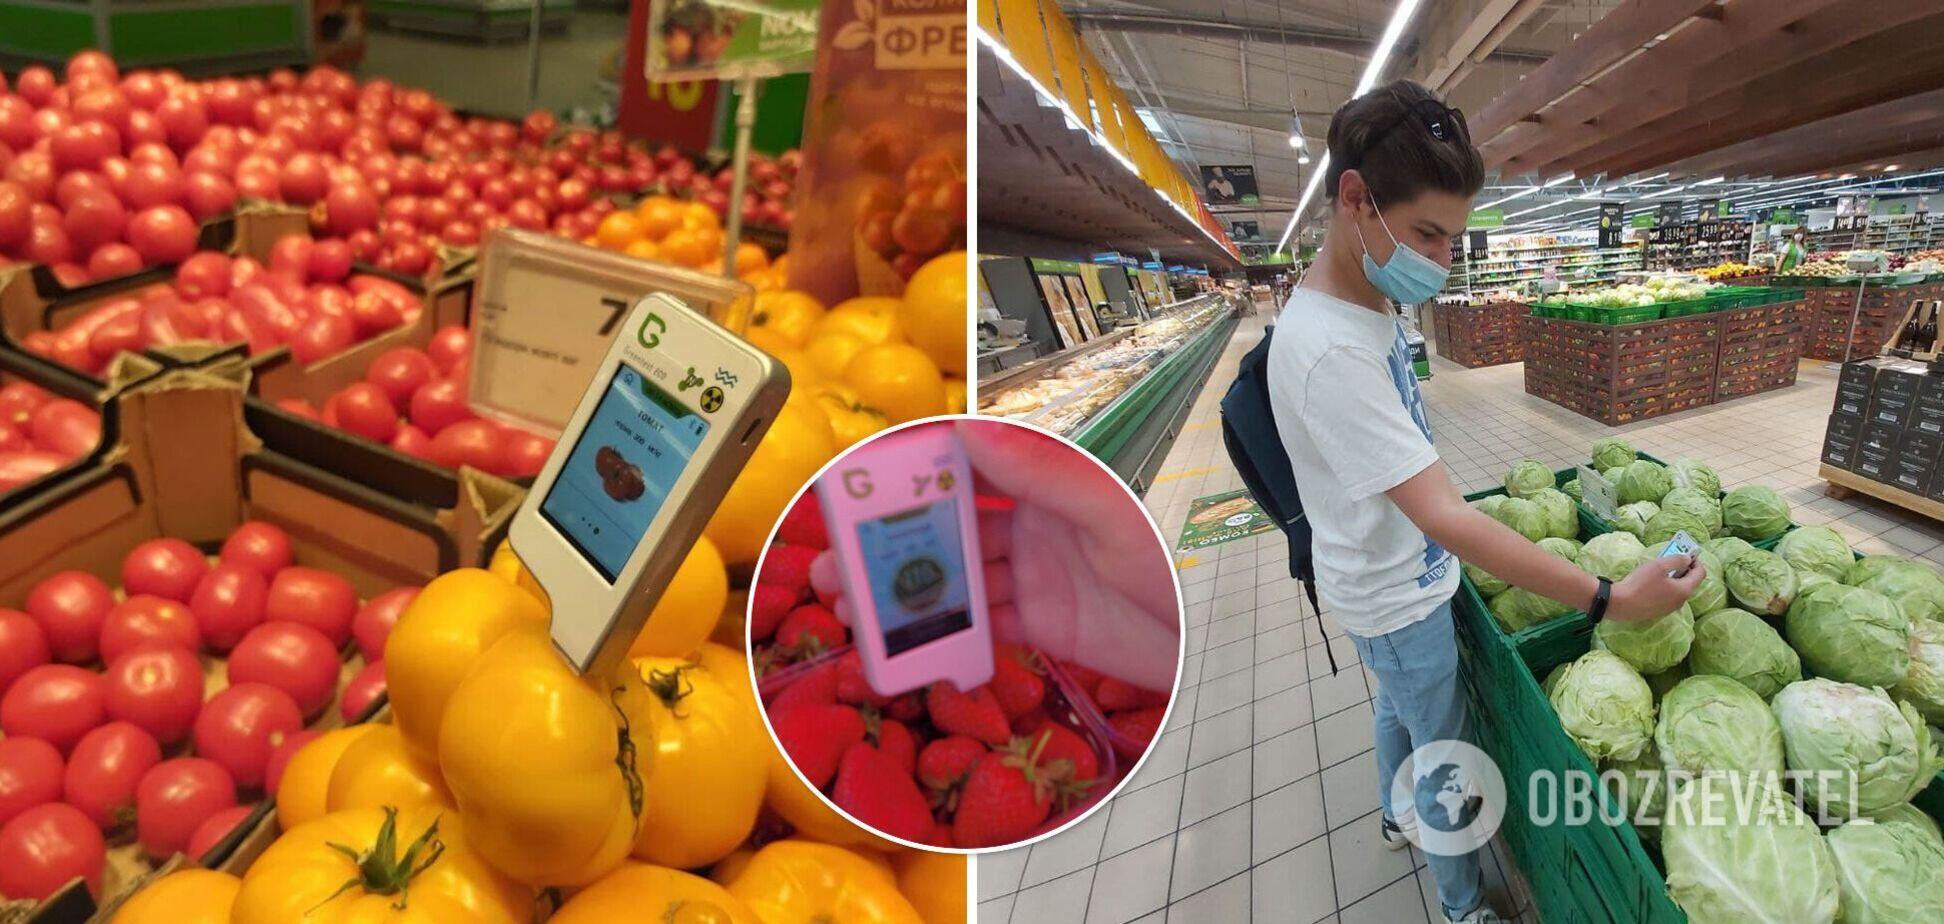 Нитраты зашкаливают: мы проверили, безопасно ли покупать сезонные овощи в Киеве. Фото